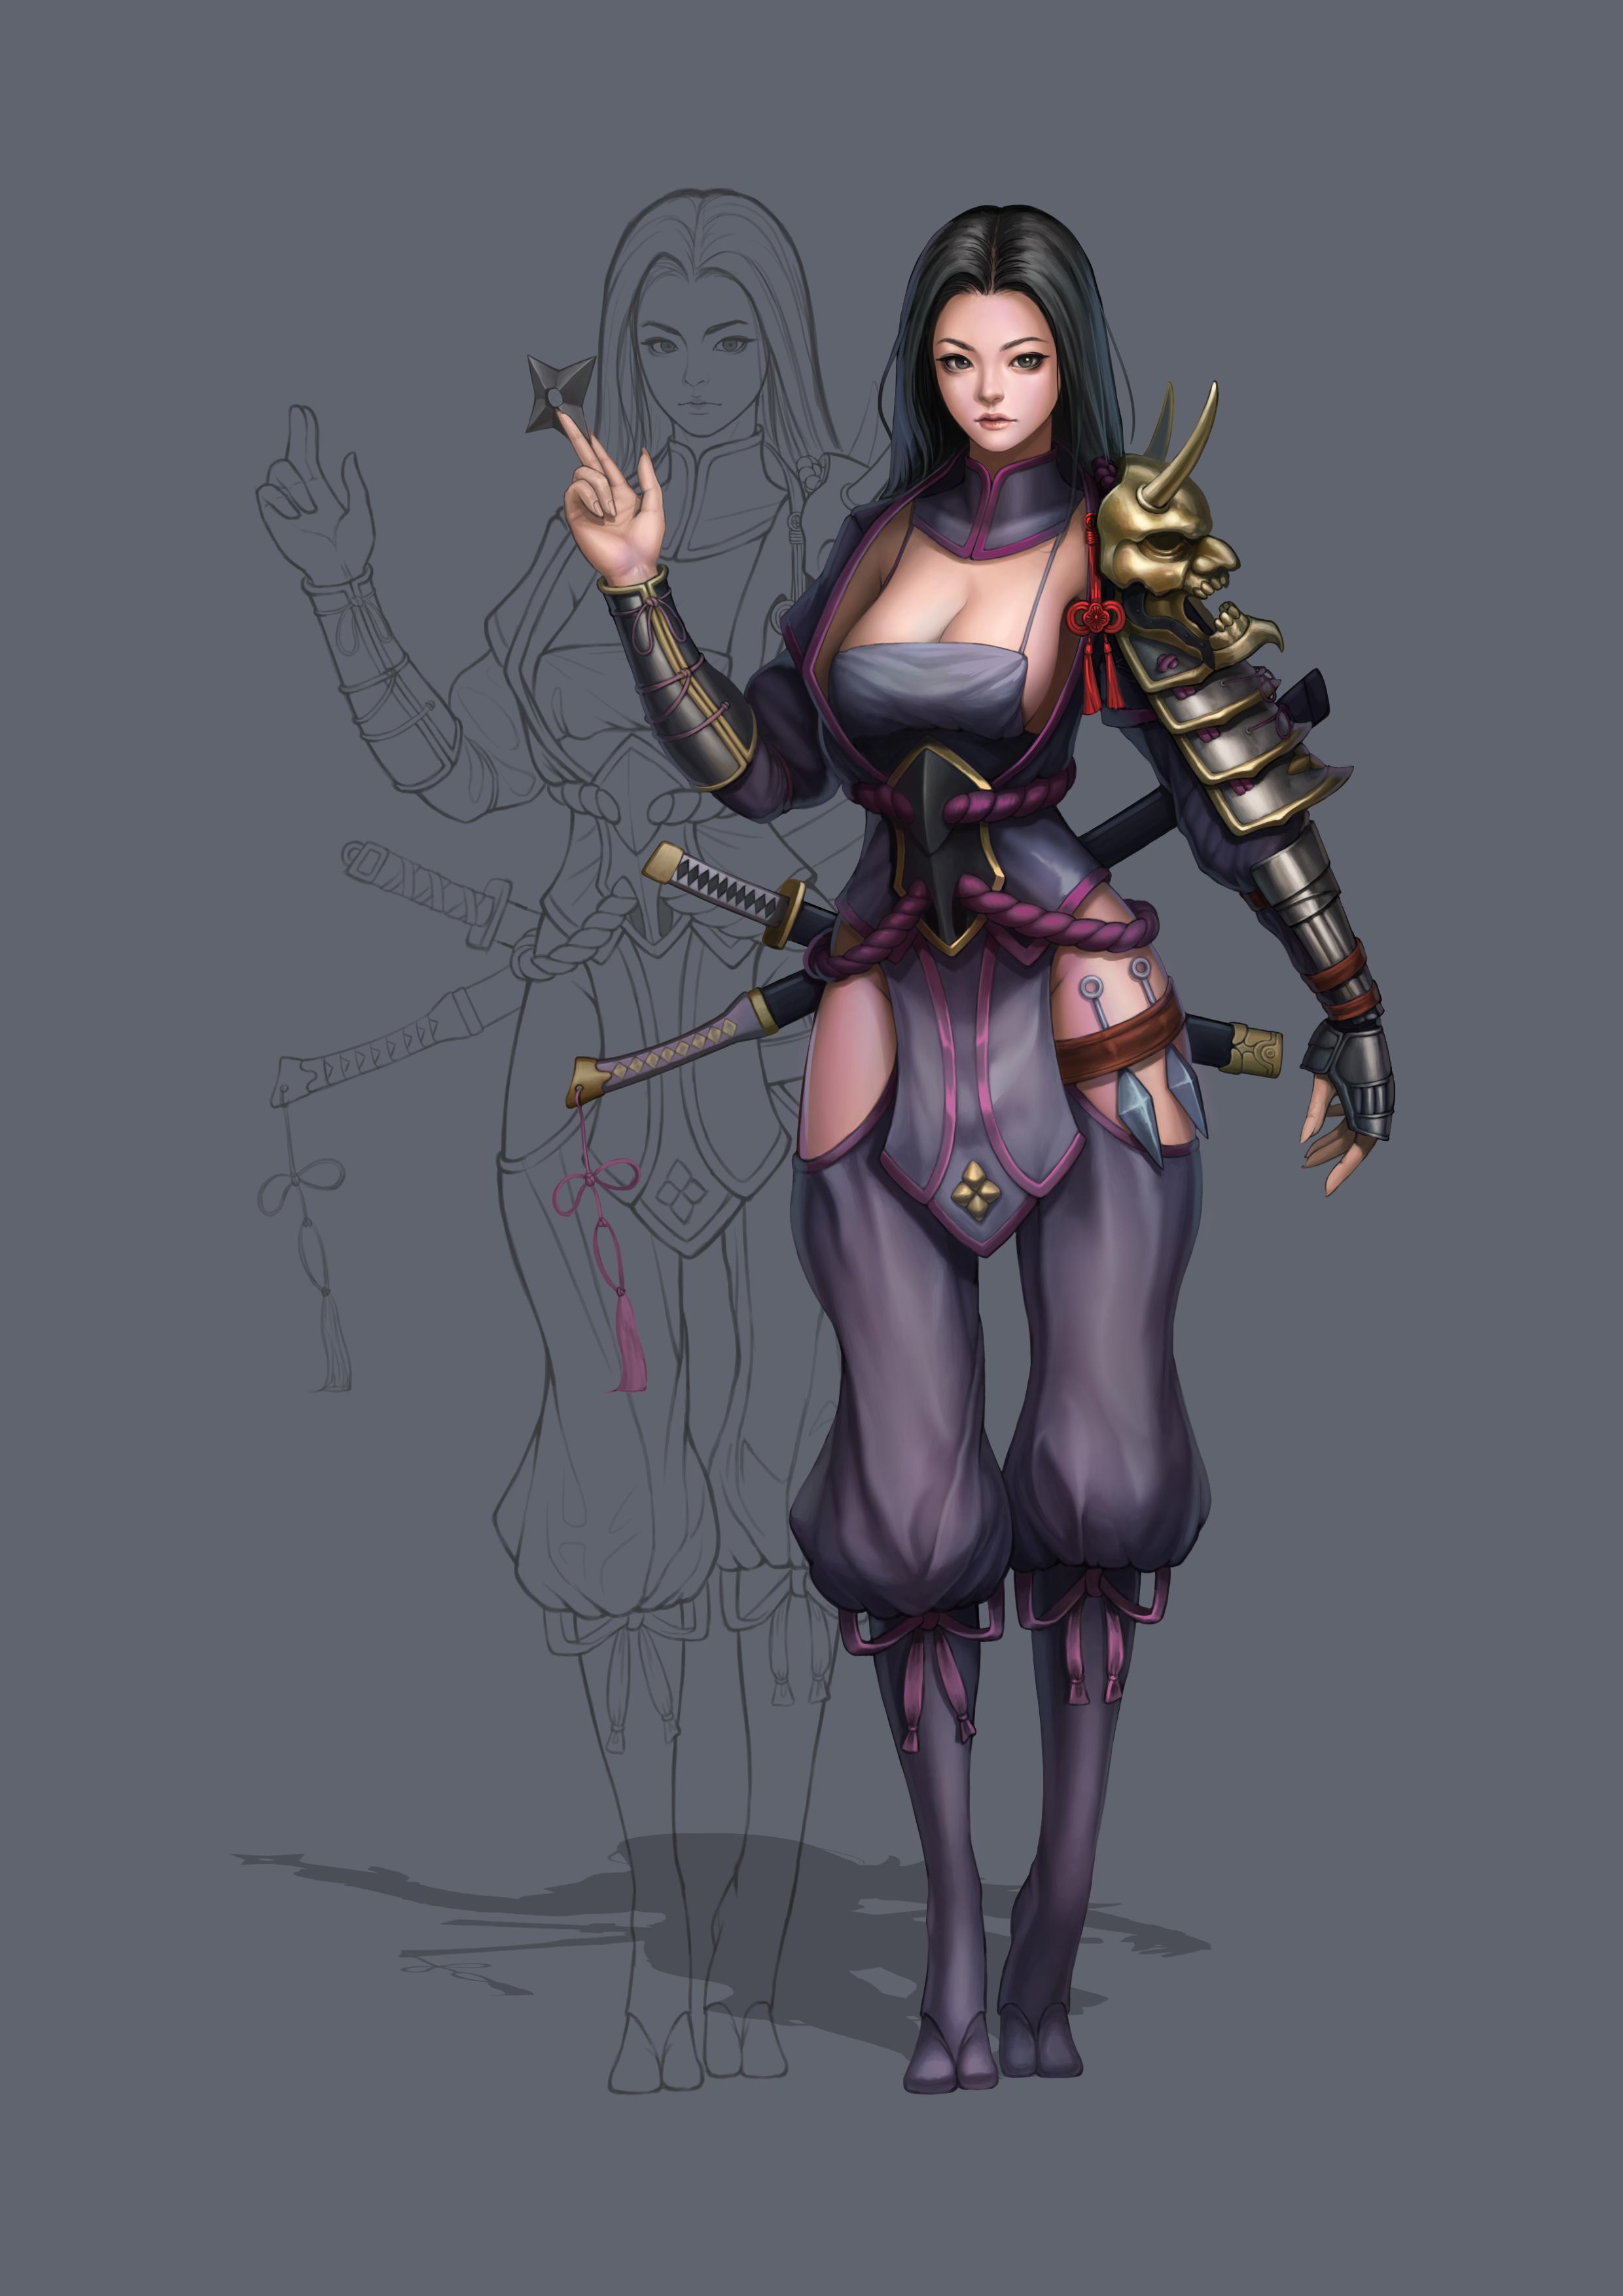 여성 닌자 창작입니다.